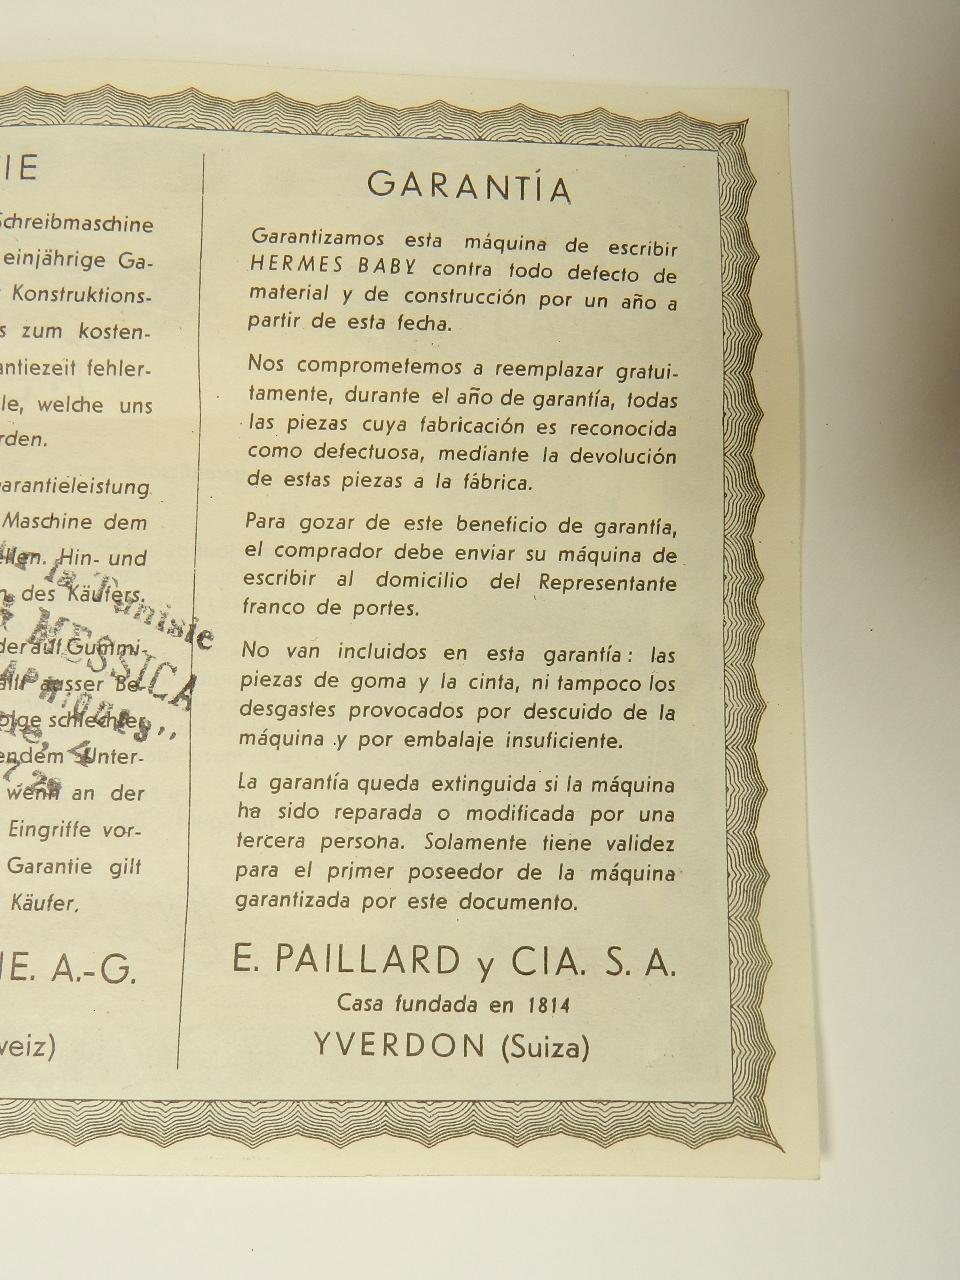 Imagen HERMES BABY AÑO 1942 29750